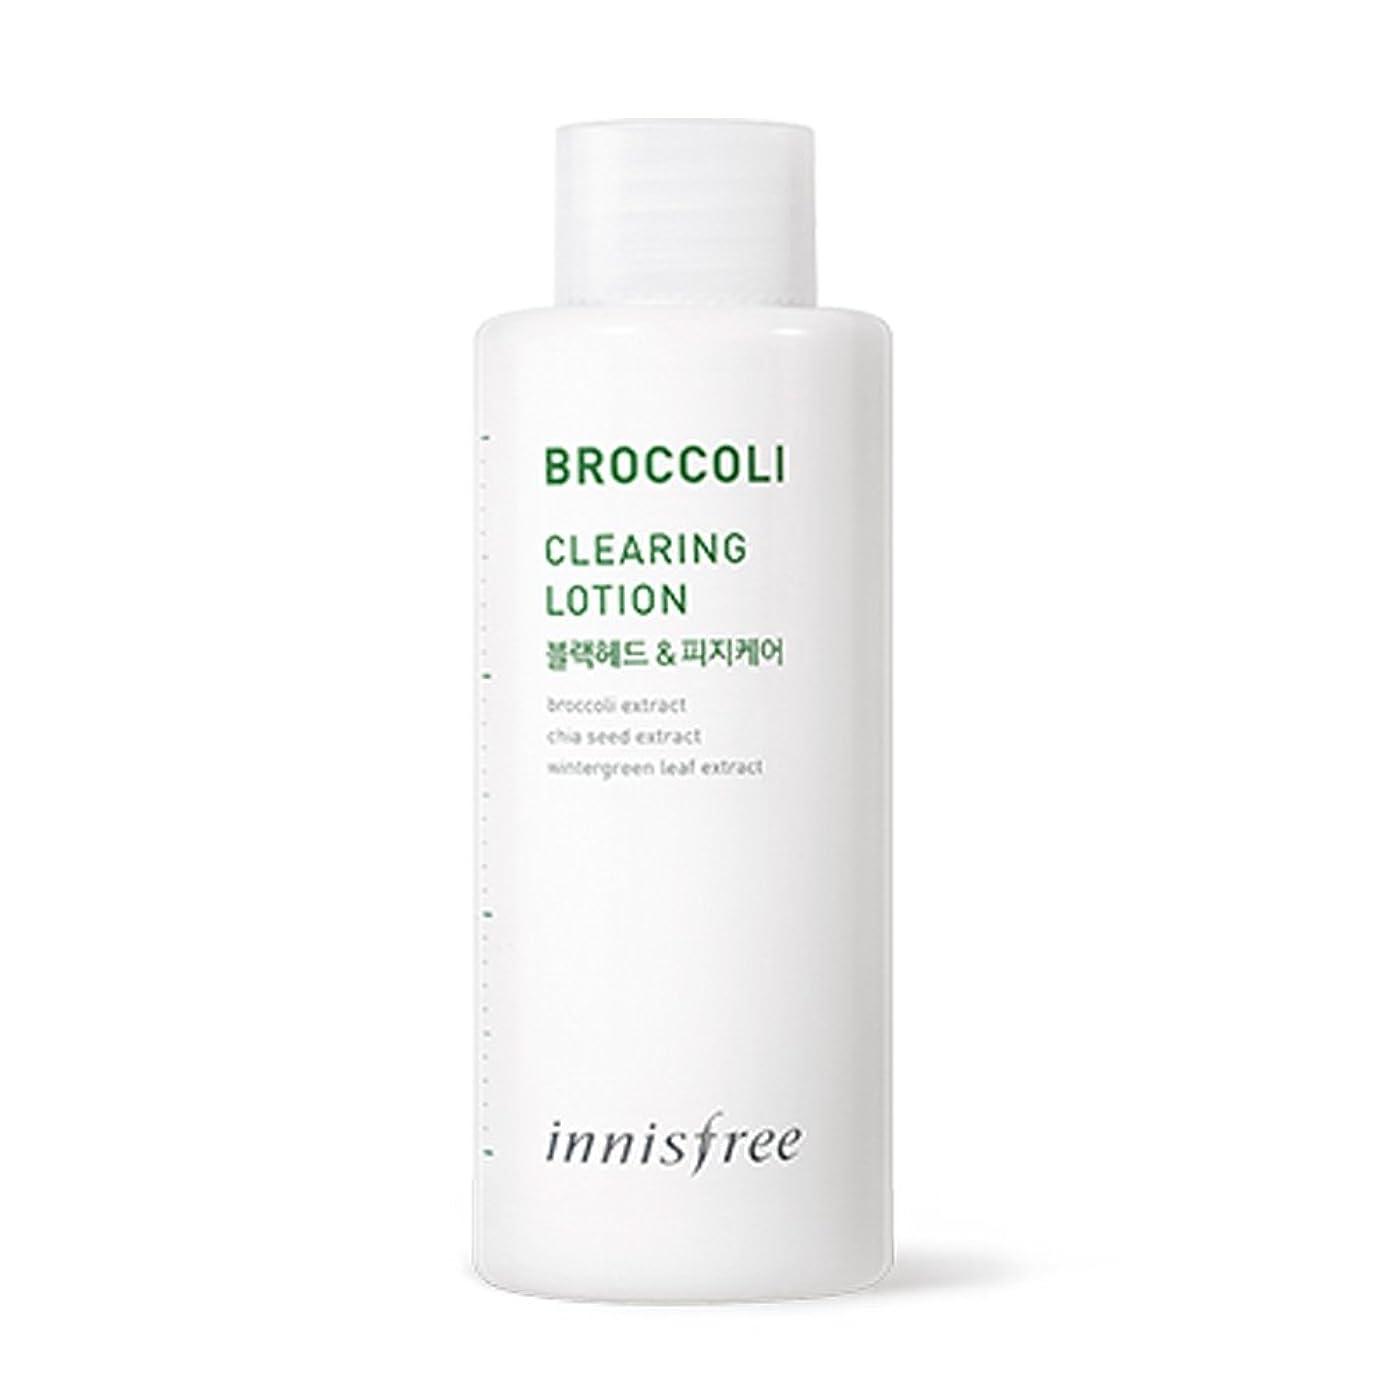 不十分インフレーションハングイニスフリーブロッコリークリアリングローション(エマルジョン)130ml Innisfree Broccoli Clearing Lotion(Emulsion) 130ml [海外直送品][並行輸入品]